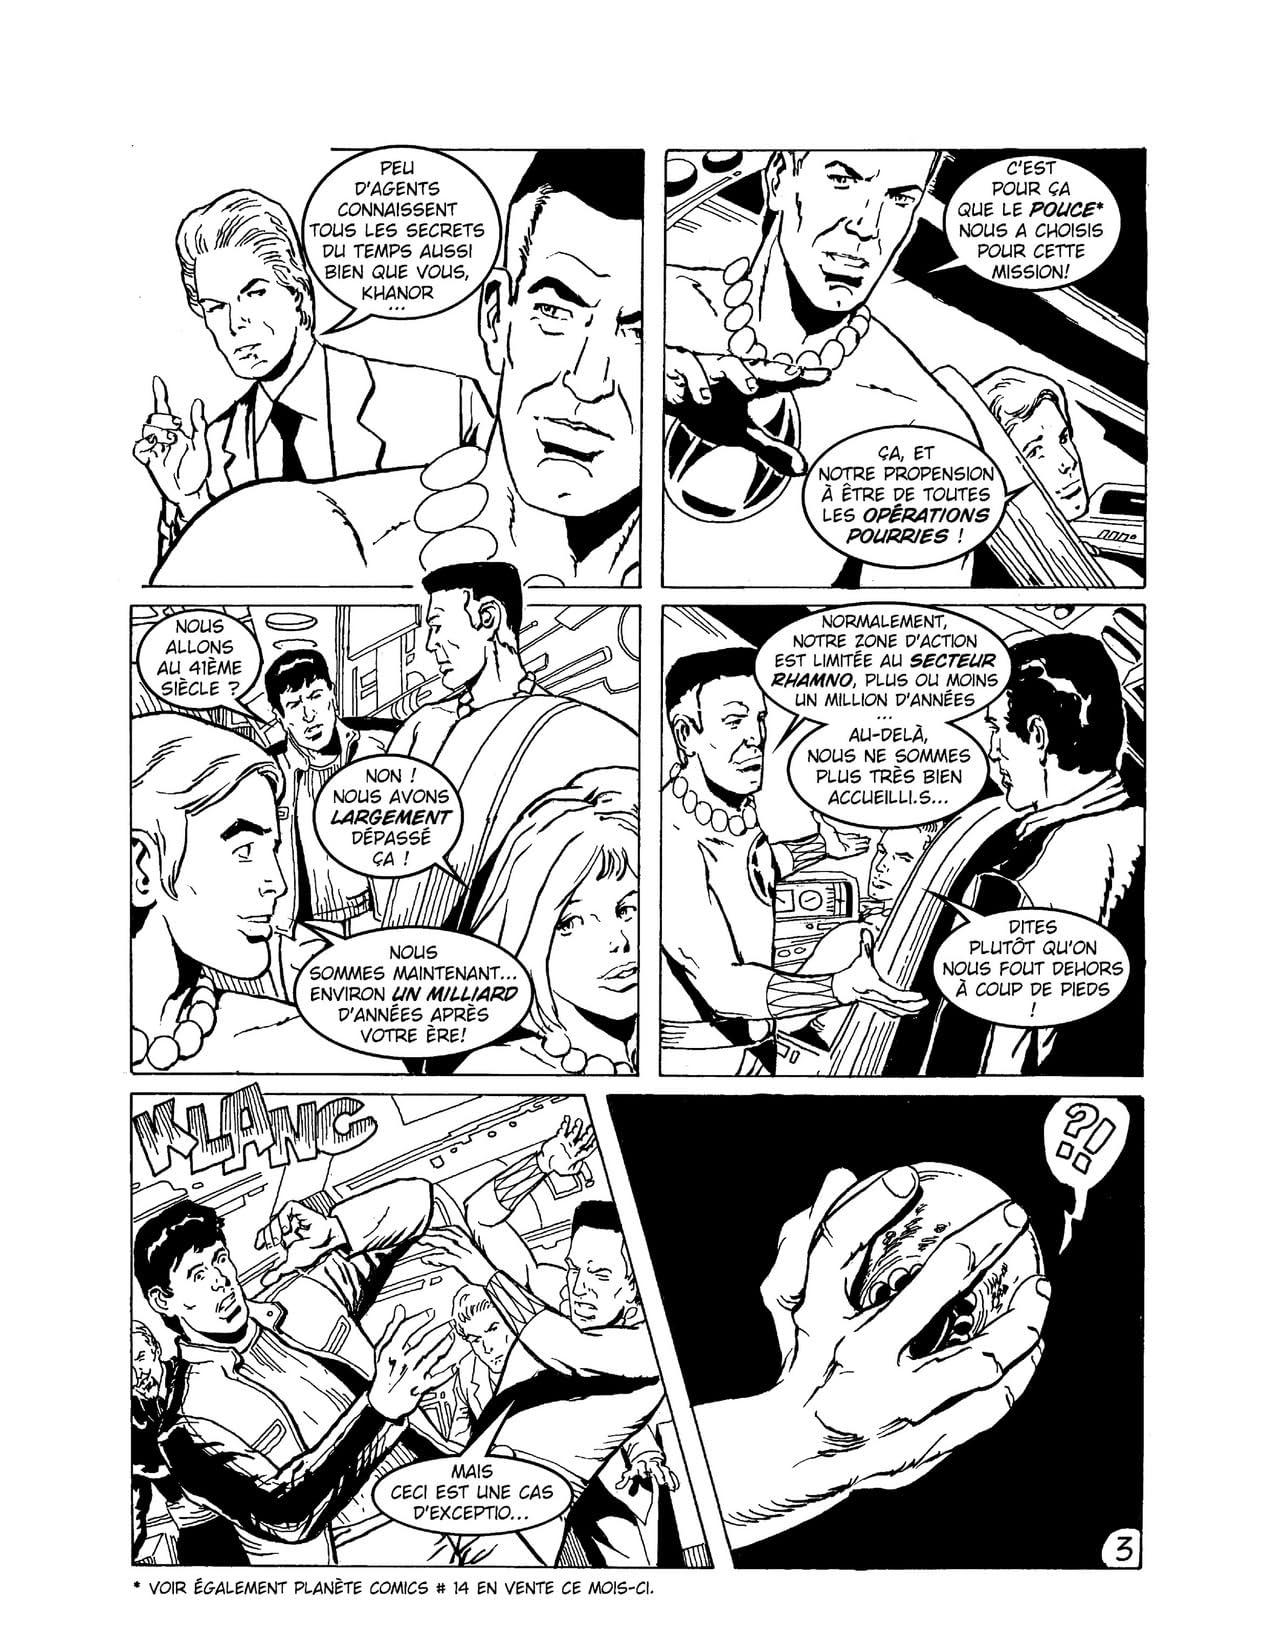 WAMPUS Vol. 11: La Fin des Temps